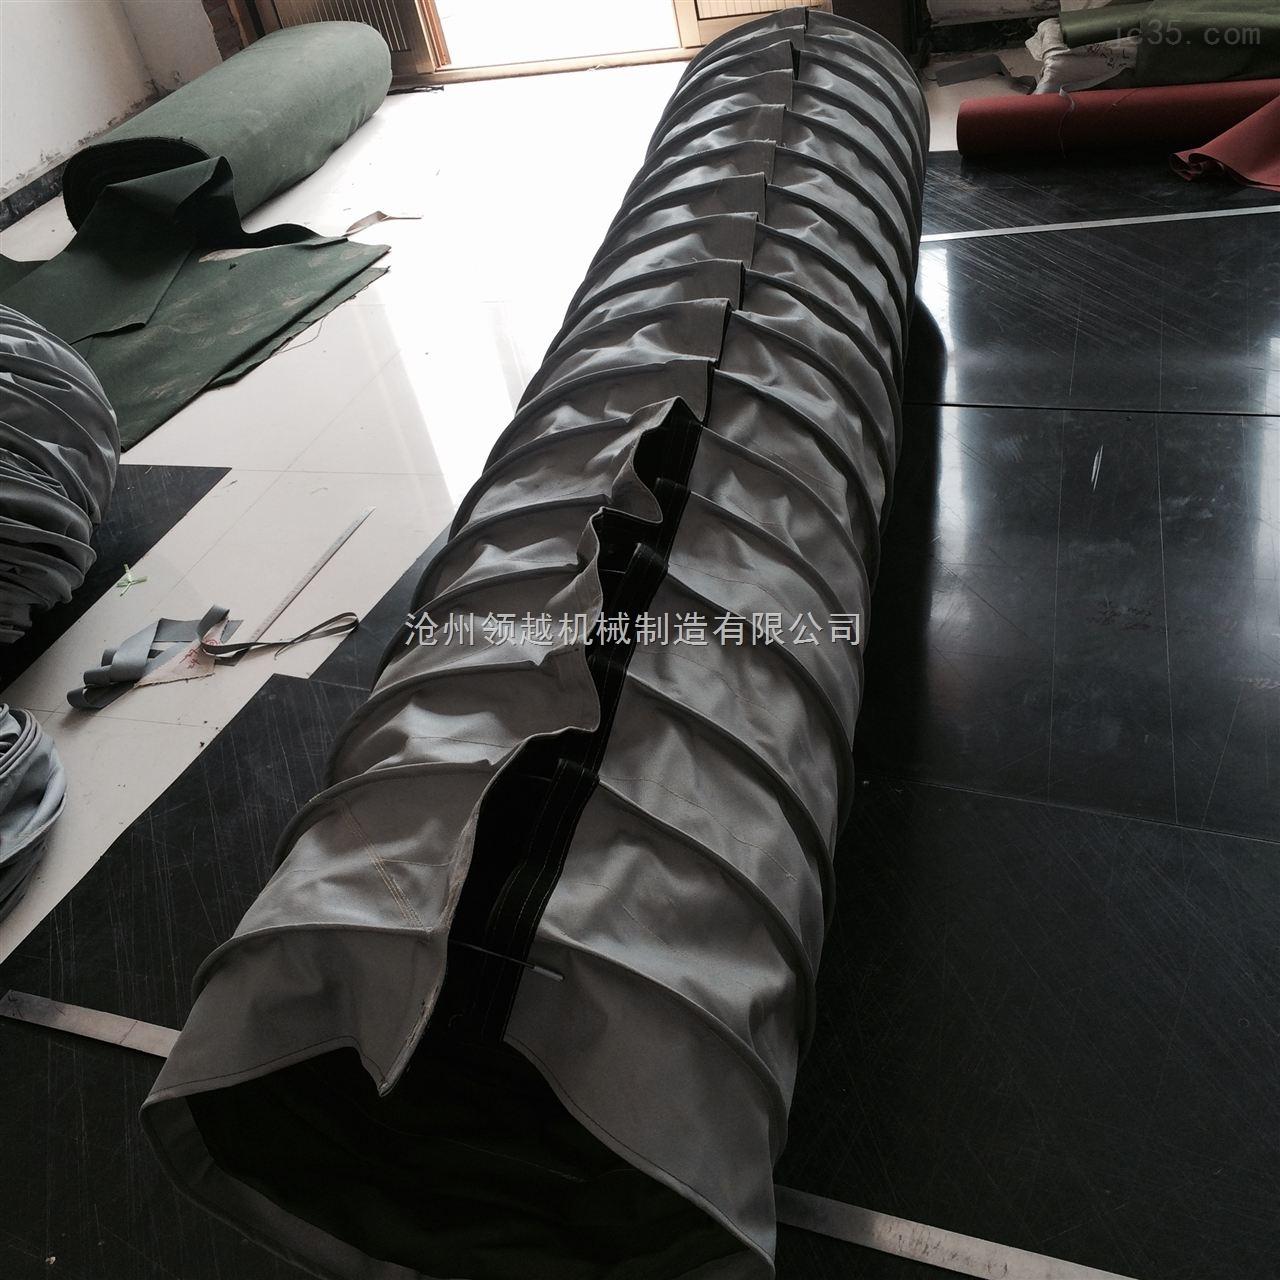 粘扣式伸缩油缸防护罩 粘扣式耐温油缸防护套